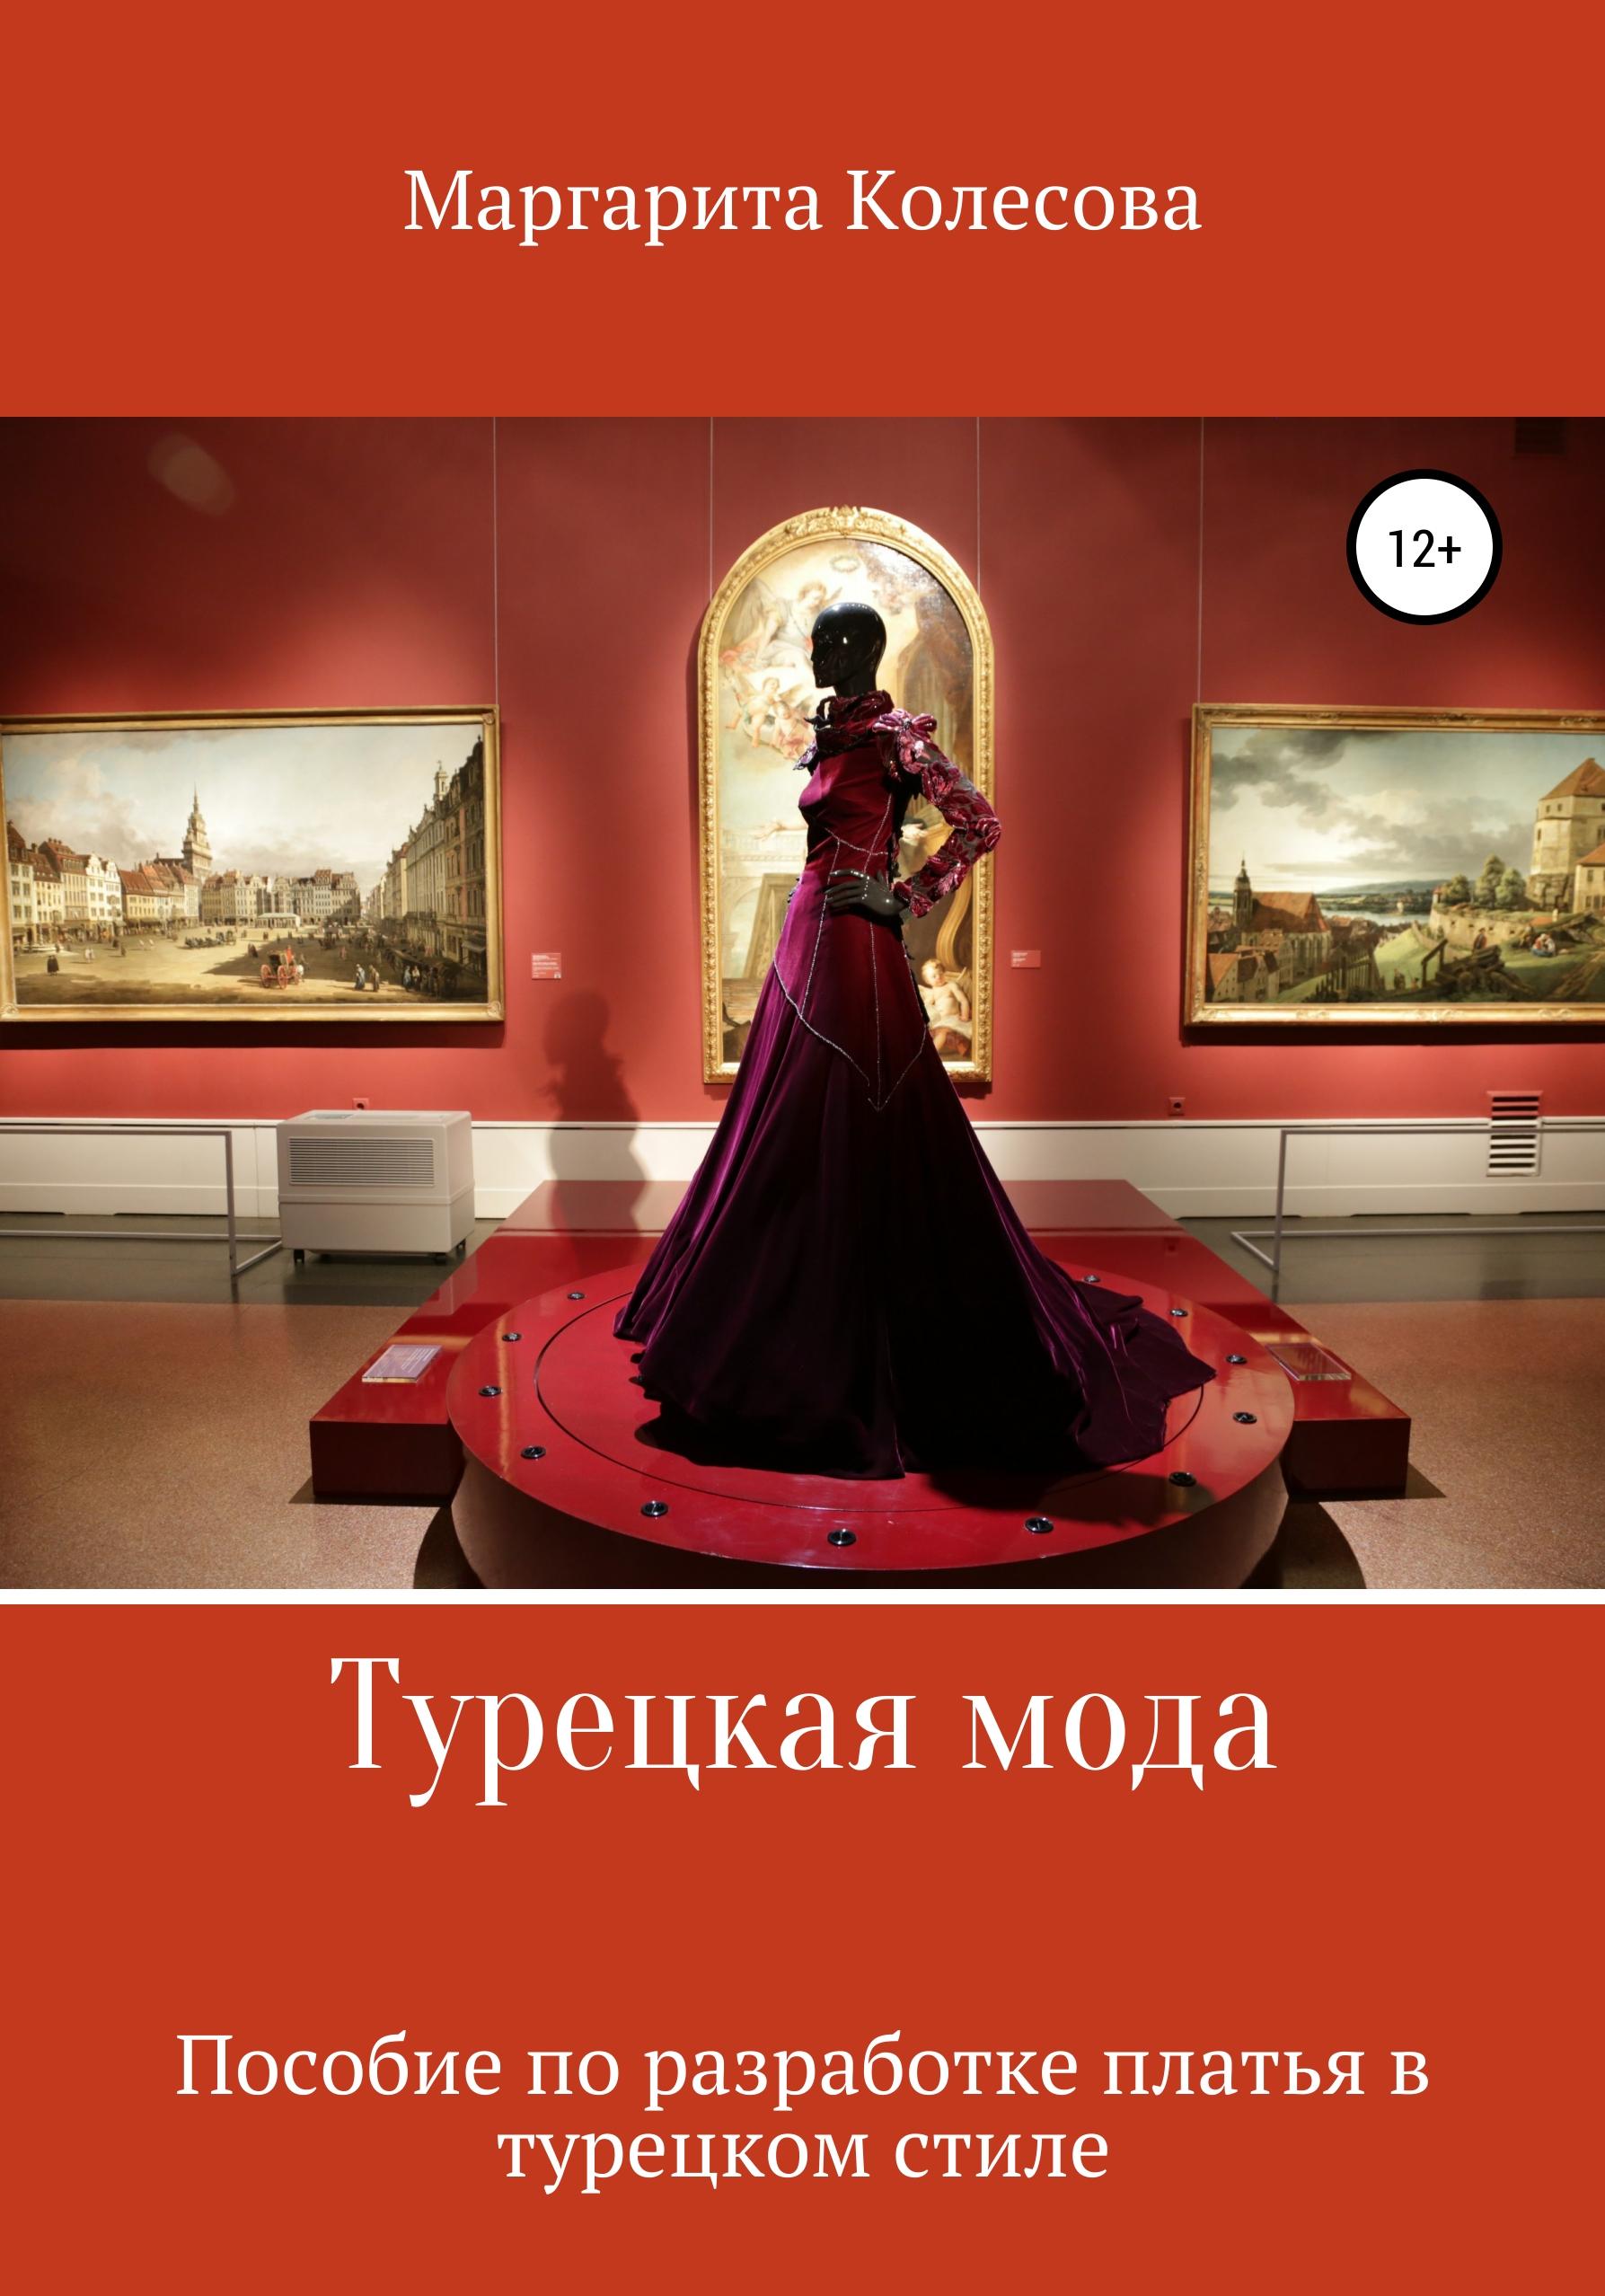 Турецкая мода. Пособие по разработке платья в турецком стиле